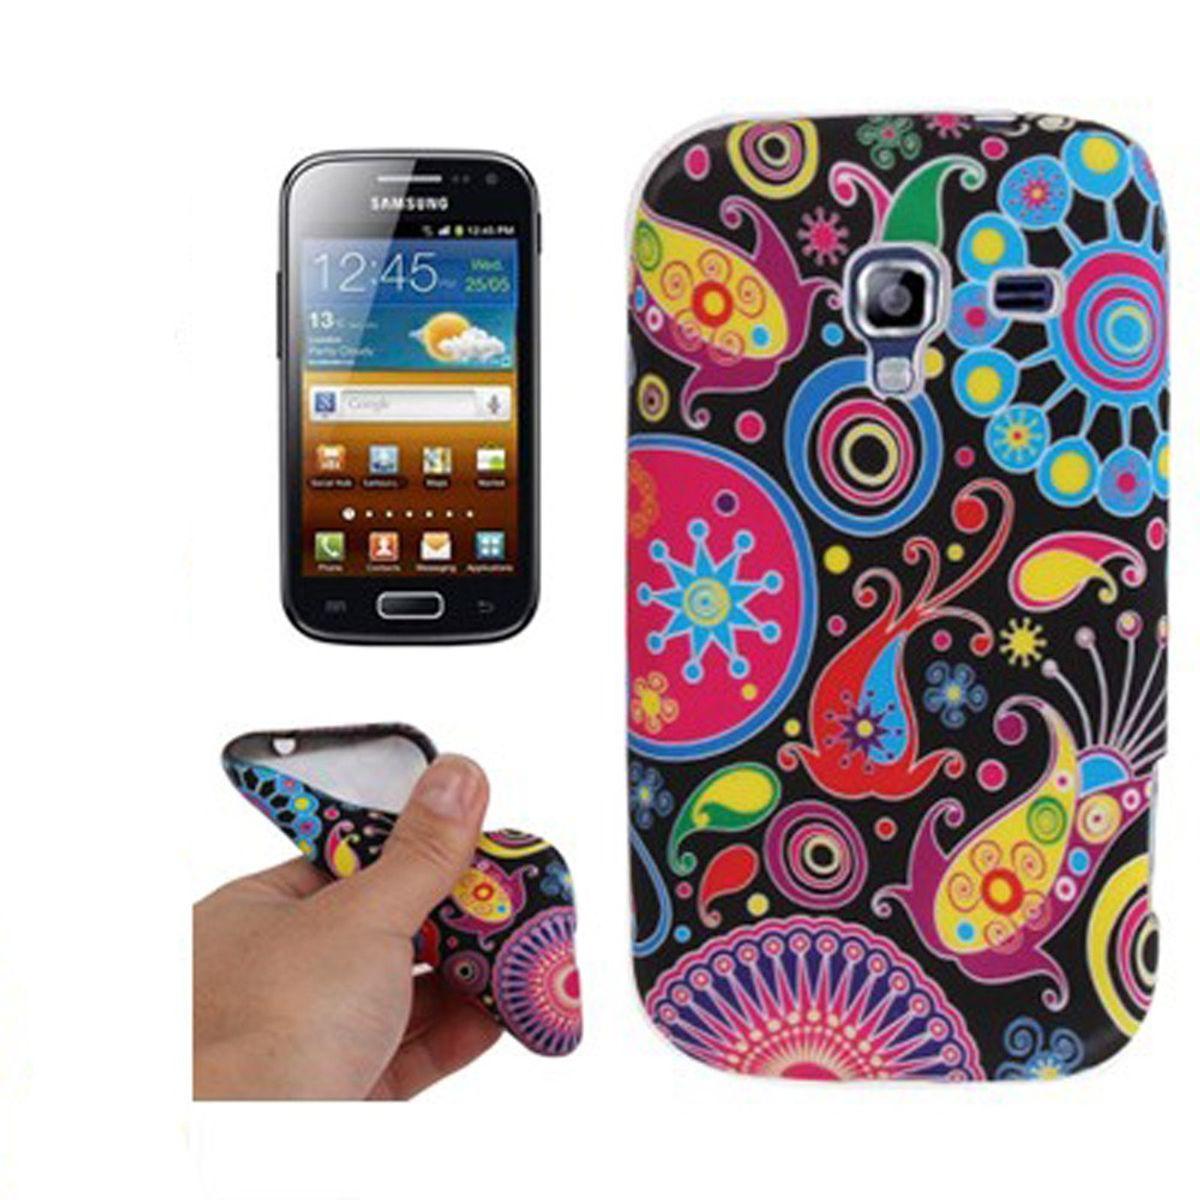 Schutzhülle TPU Case für Handy Samsung Galaxy Ace 2 i8160 Design